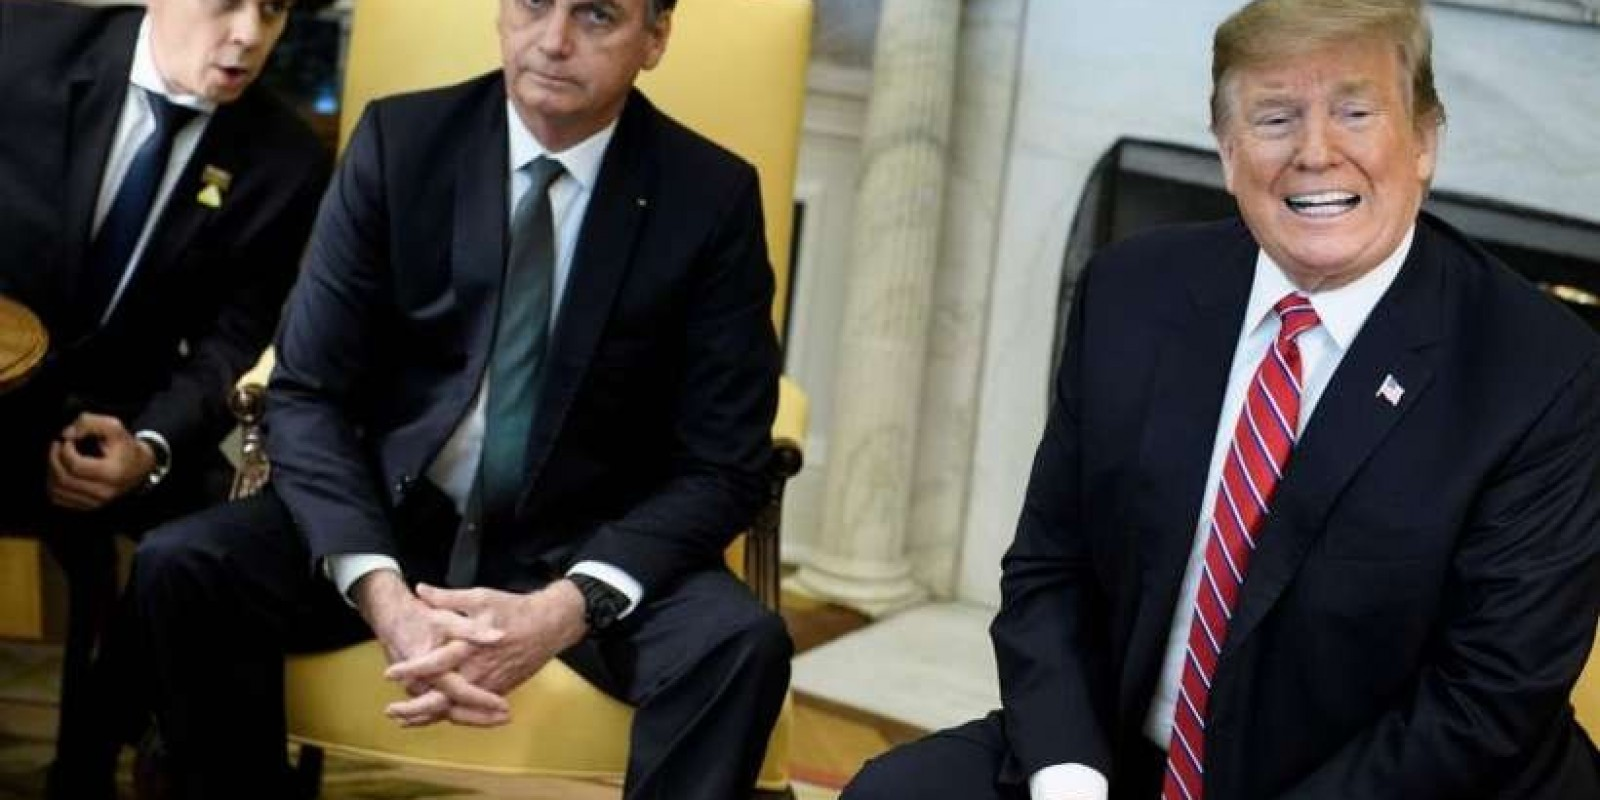 Trump anuncia que voltará com tarifas sobre aço e alumínio do Brasil